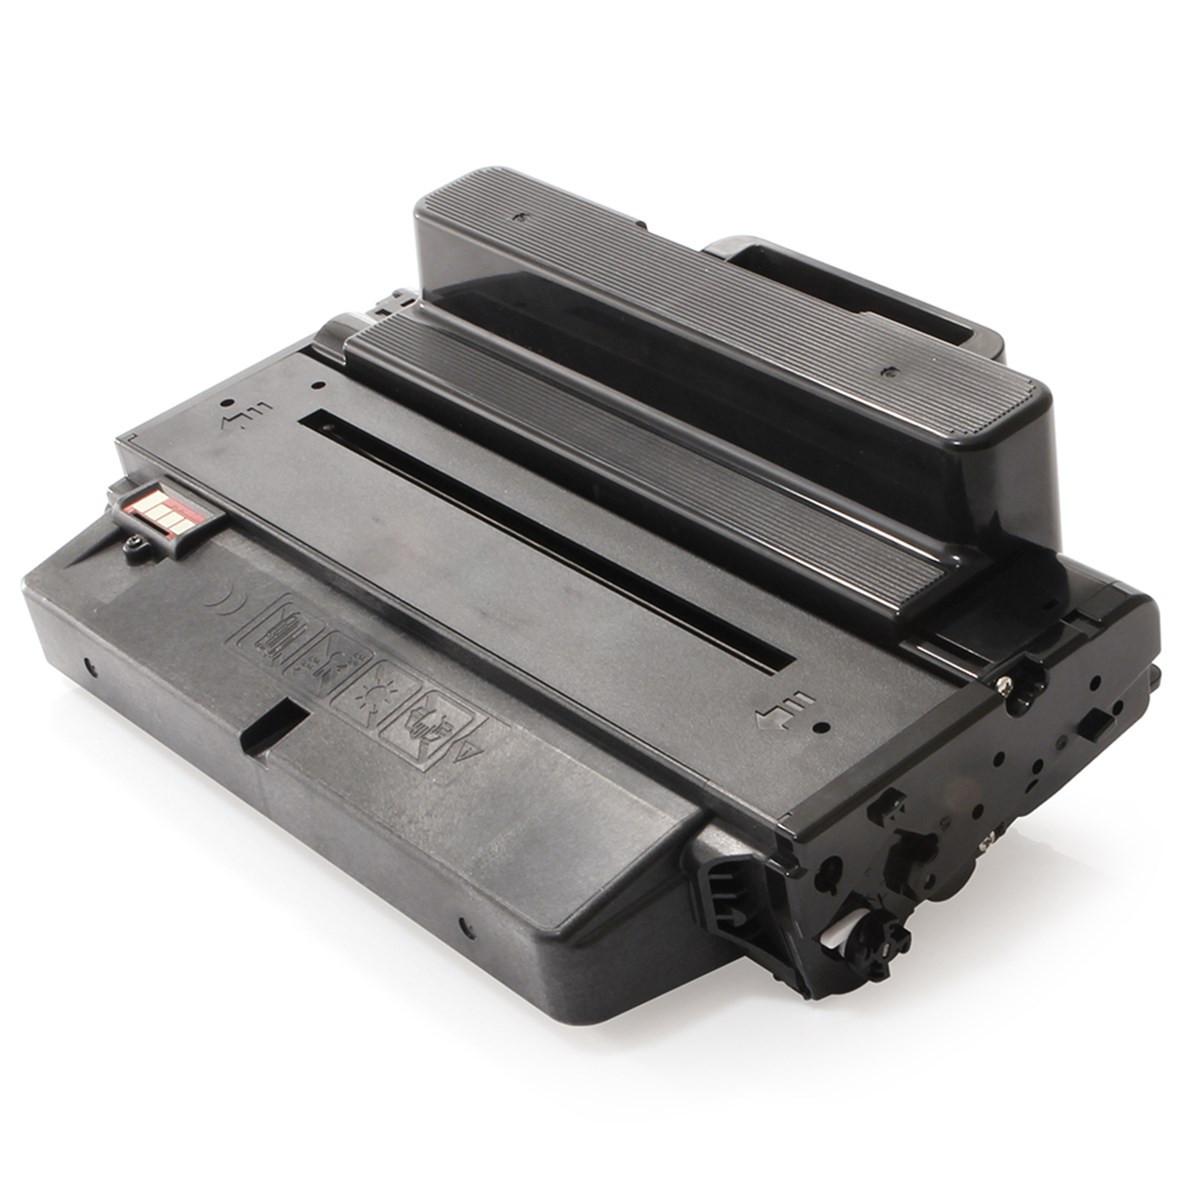 Toner Compatível com Xerox Workcentre WC3325 WC3315 Phaser 3320 | 106R02307 | Importado 11k